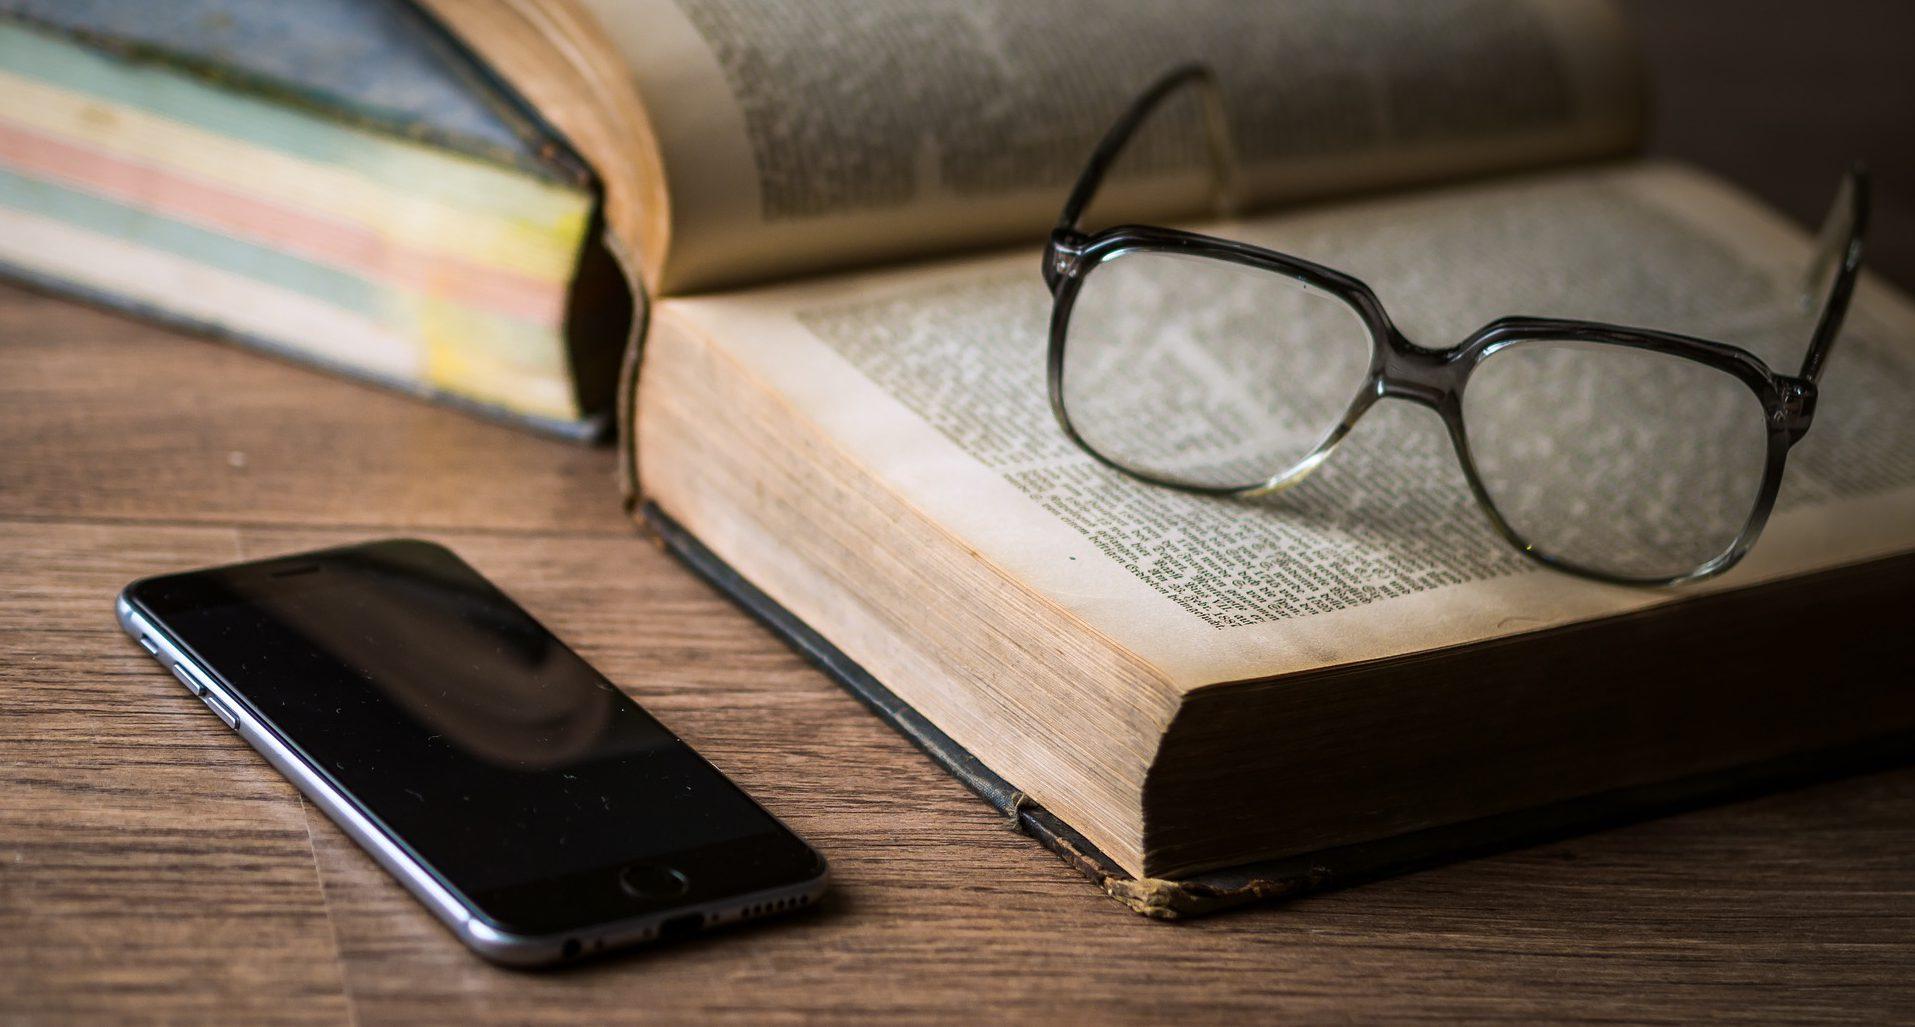 Ein Smartphone liegt neben einem Buch